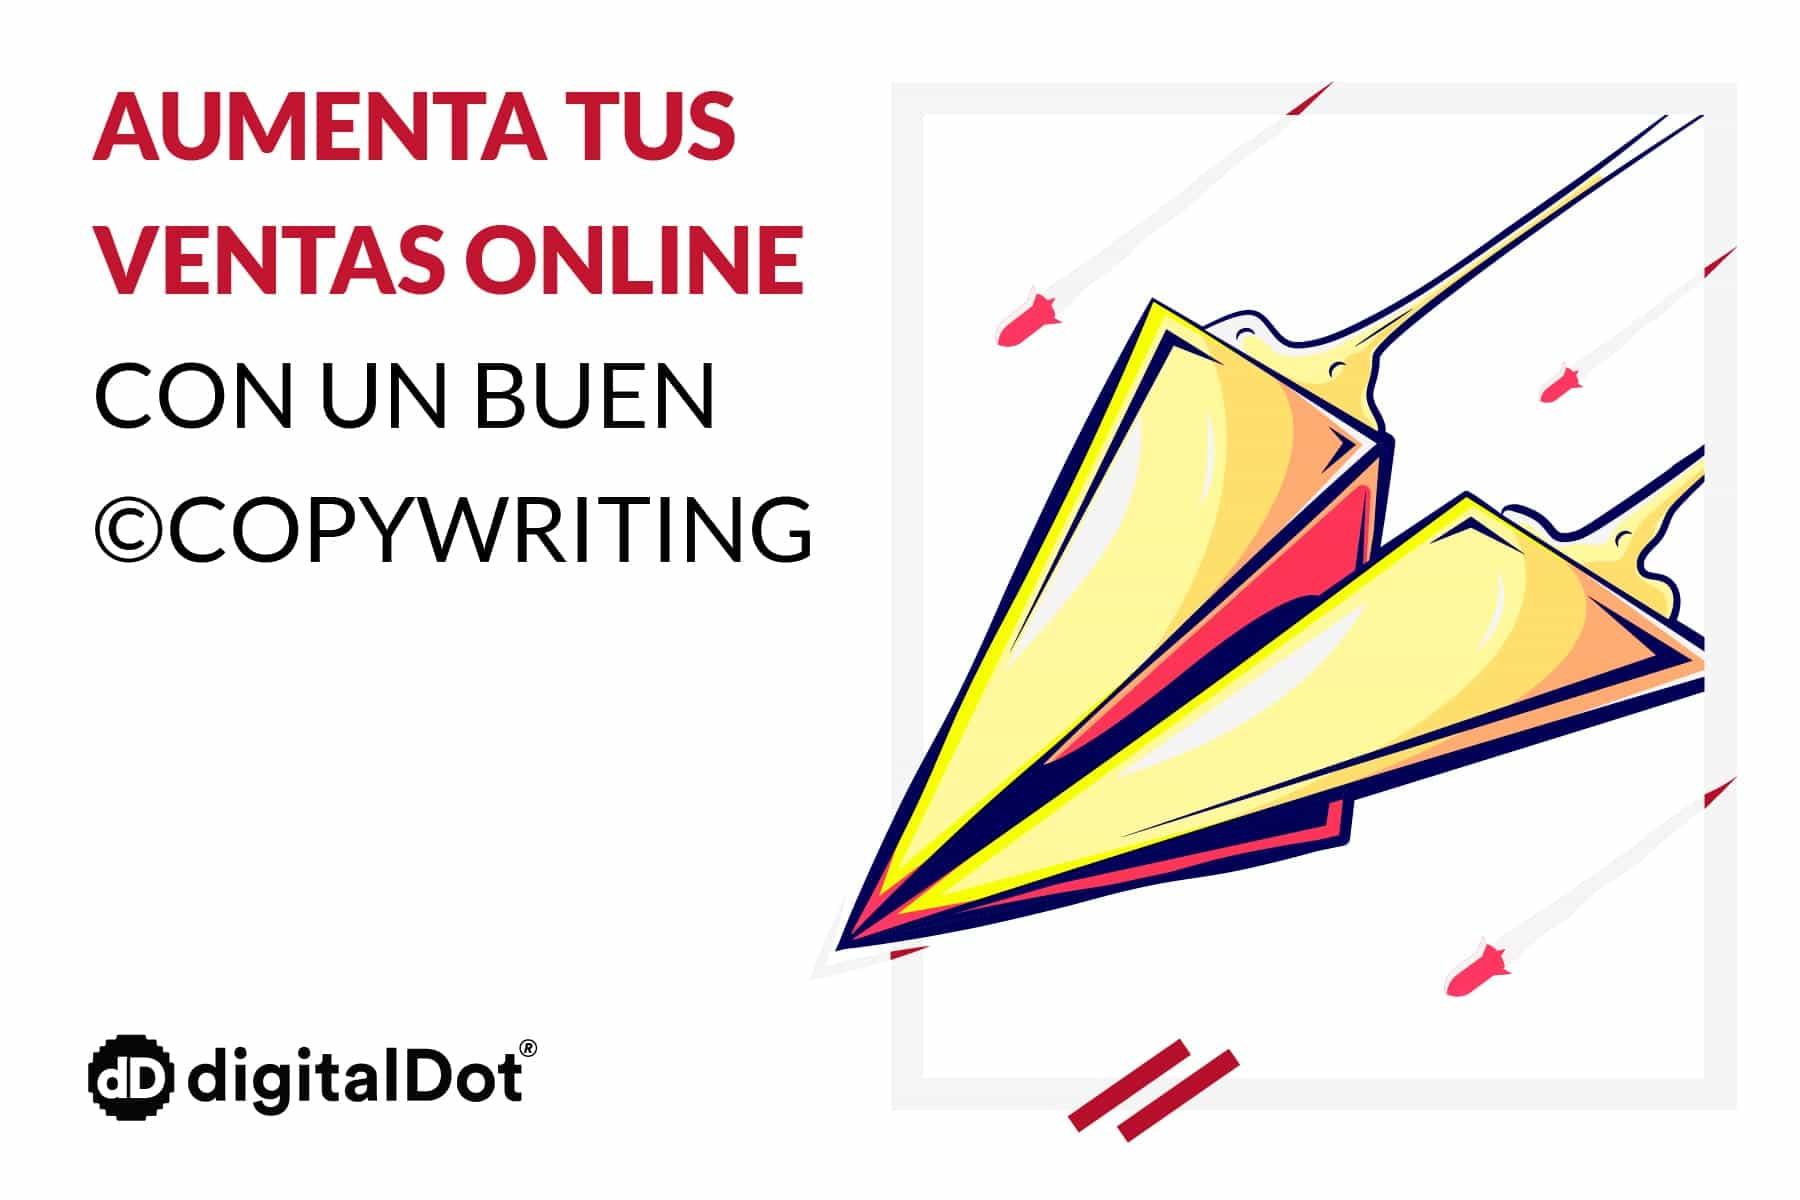 ¿Qué es el copywriting y cómo utilizarlo en tu tienda online?